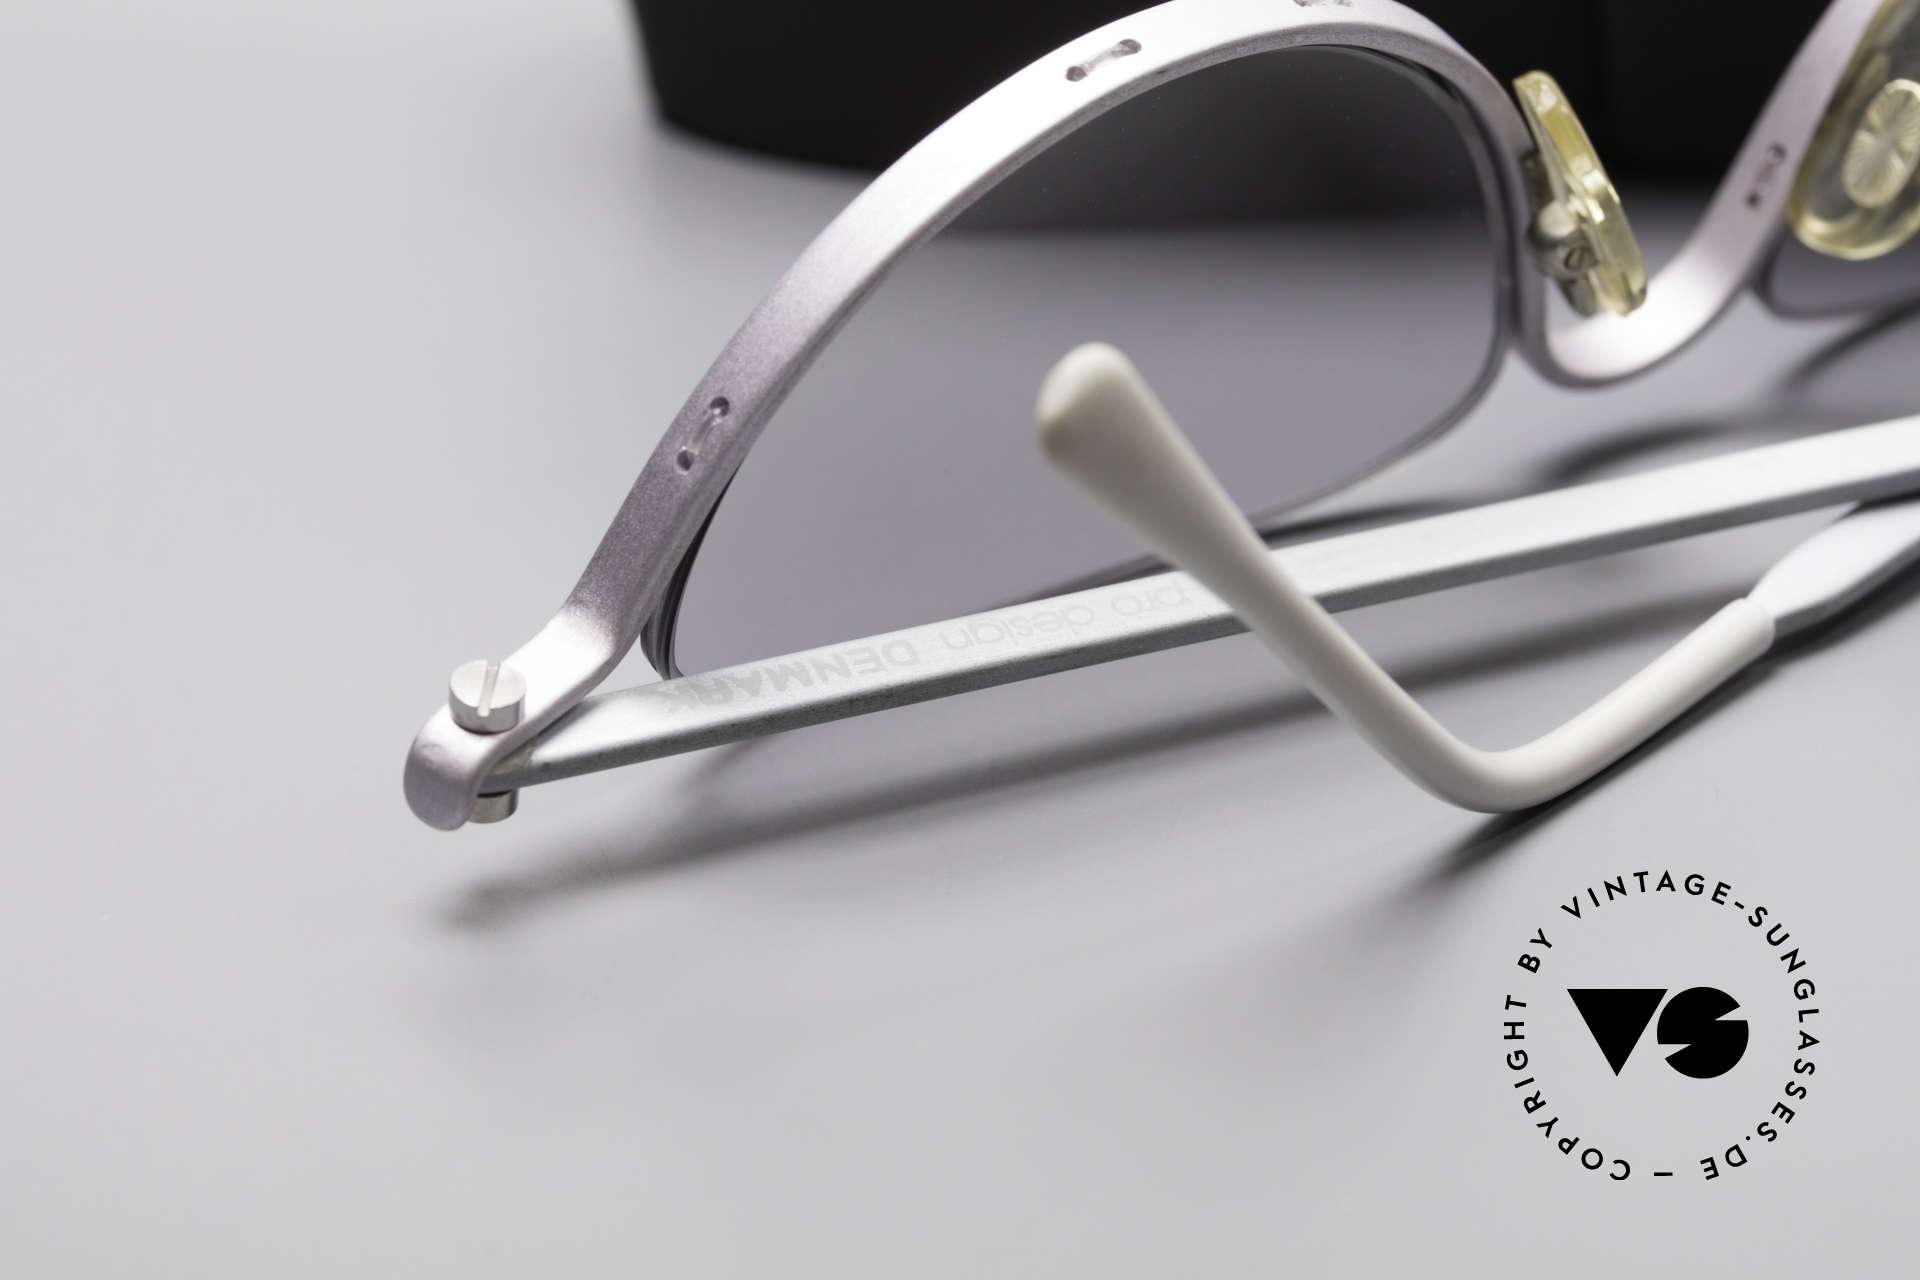 ProDesign No10 Gail Spence Design Sunglasses, light gray-gradient sun lenses & Silhouette hard case, Made for Women